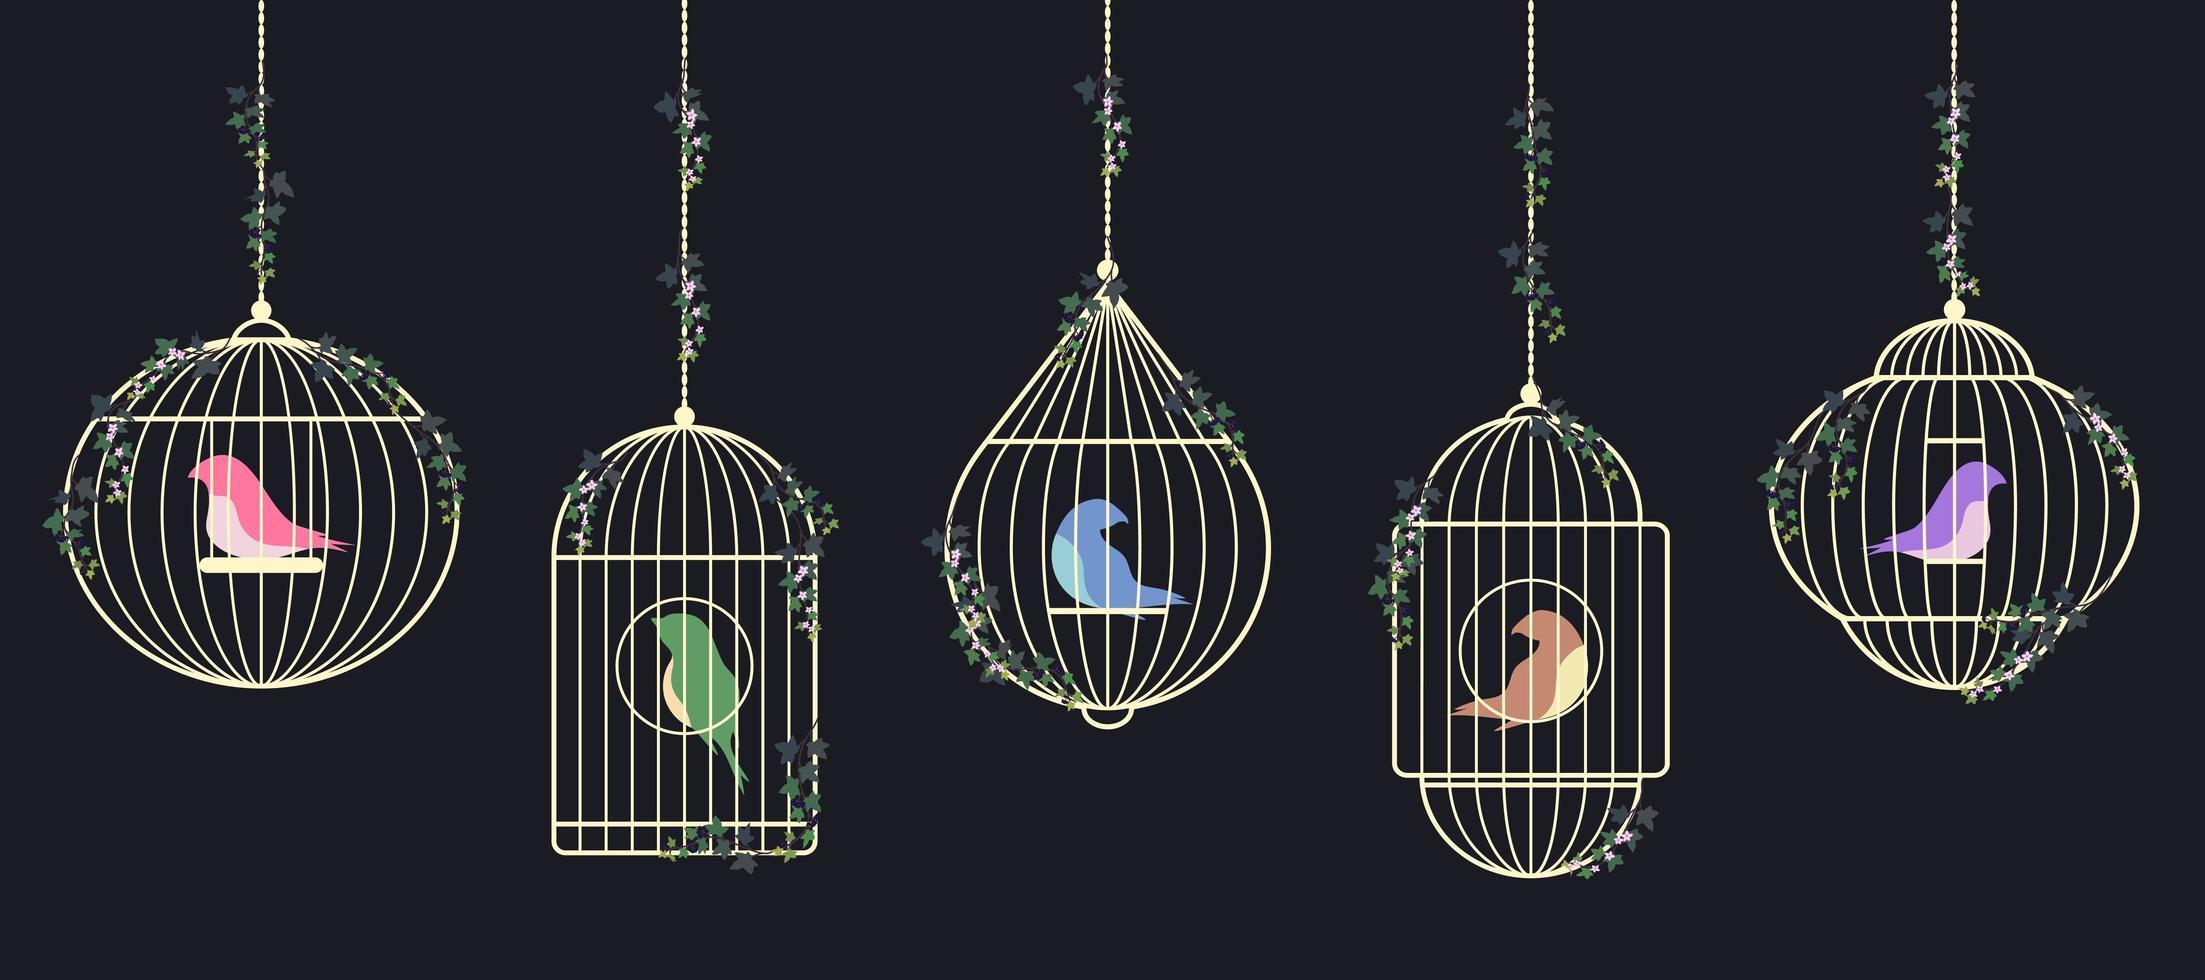 conjunto de pájaros en jaulas doradas vector